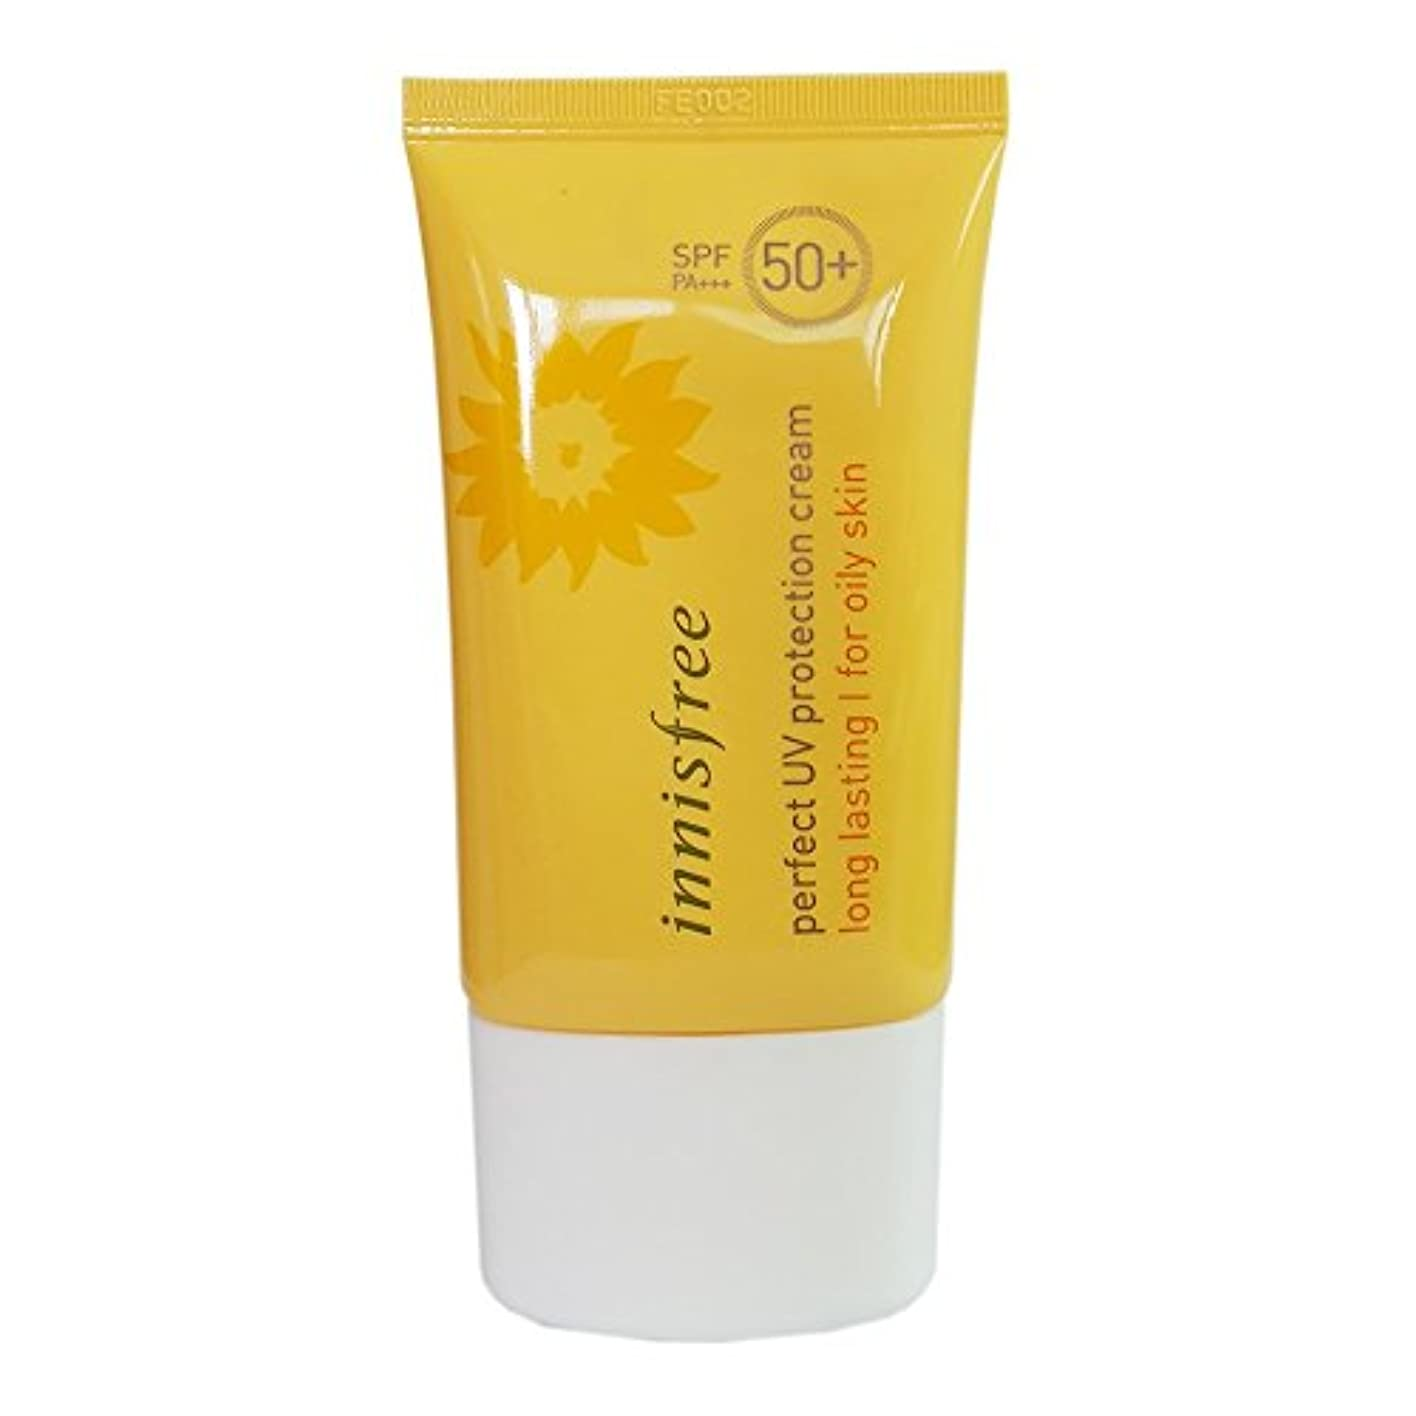 ダウン馬鹿特性[イニスプリー]Innisfree パーフェクトUVプロテクションクリームロング?ラスティング 脂複合性肌用 SPF50+PA+++ 50ml Innisfree Perfect UV Protection Cream...